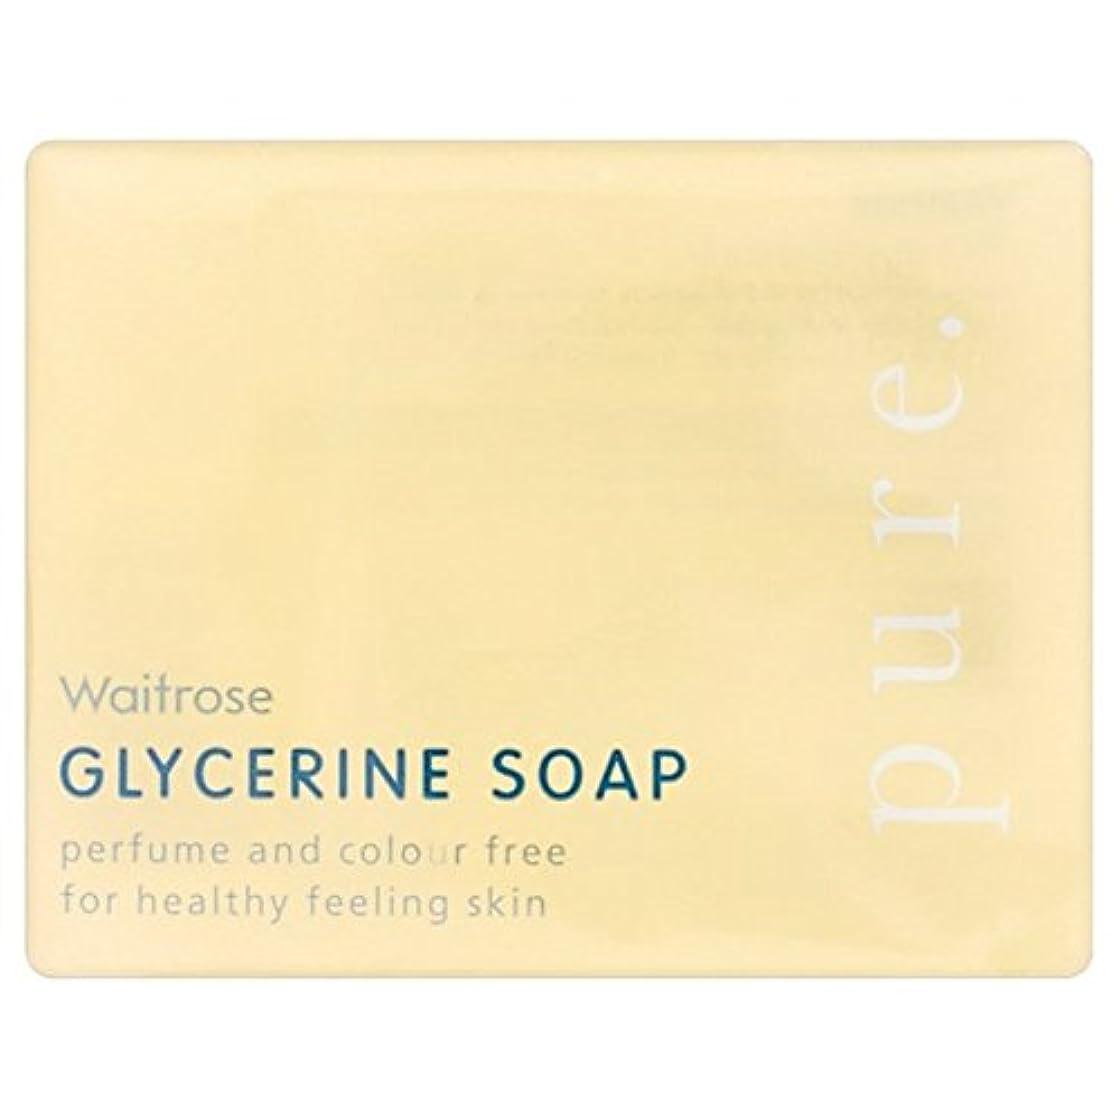 ドット本部勝利純粋なグリセリンソープウェイトローズの100グラム x4 - Pure Glycerine Soap Waitrose 100g (Pack of 4) [並行輸入品]